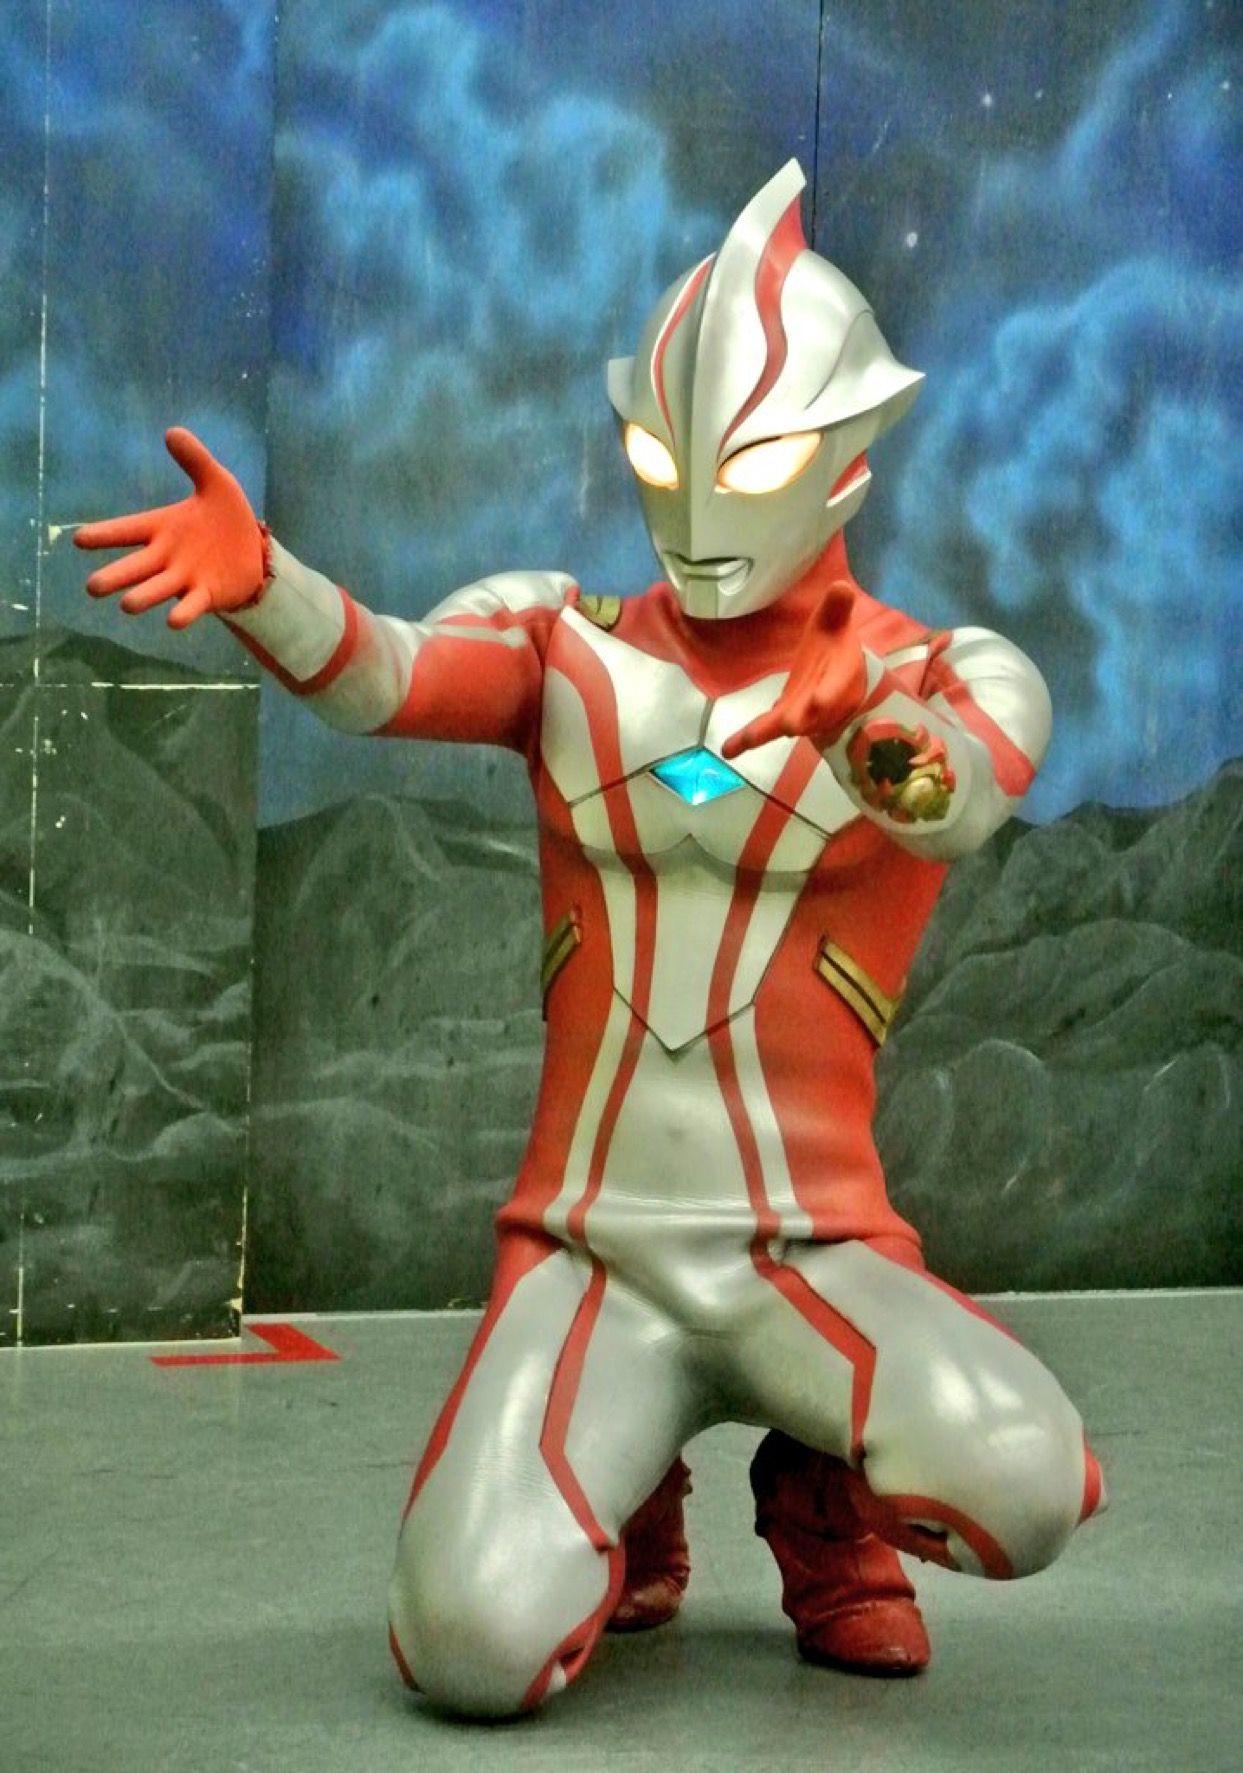 Ultraman Mebius(画像あり) ヒーロー, メビウス, ウルトラ ヒーロー